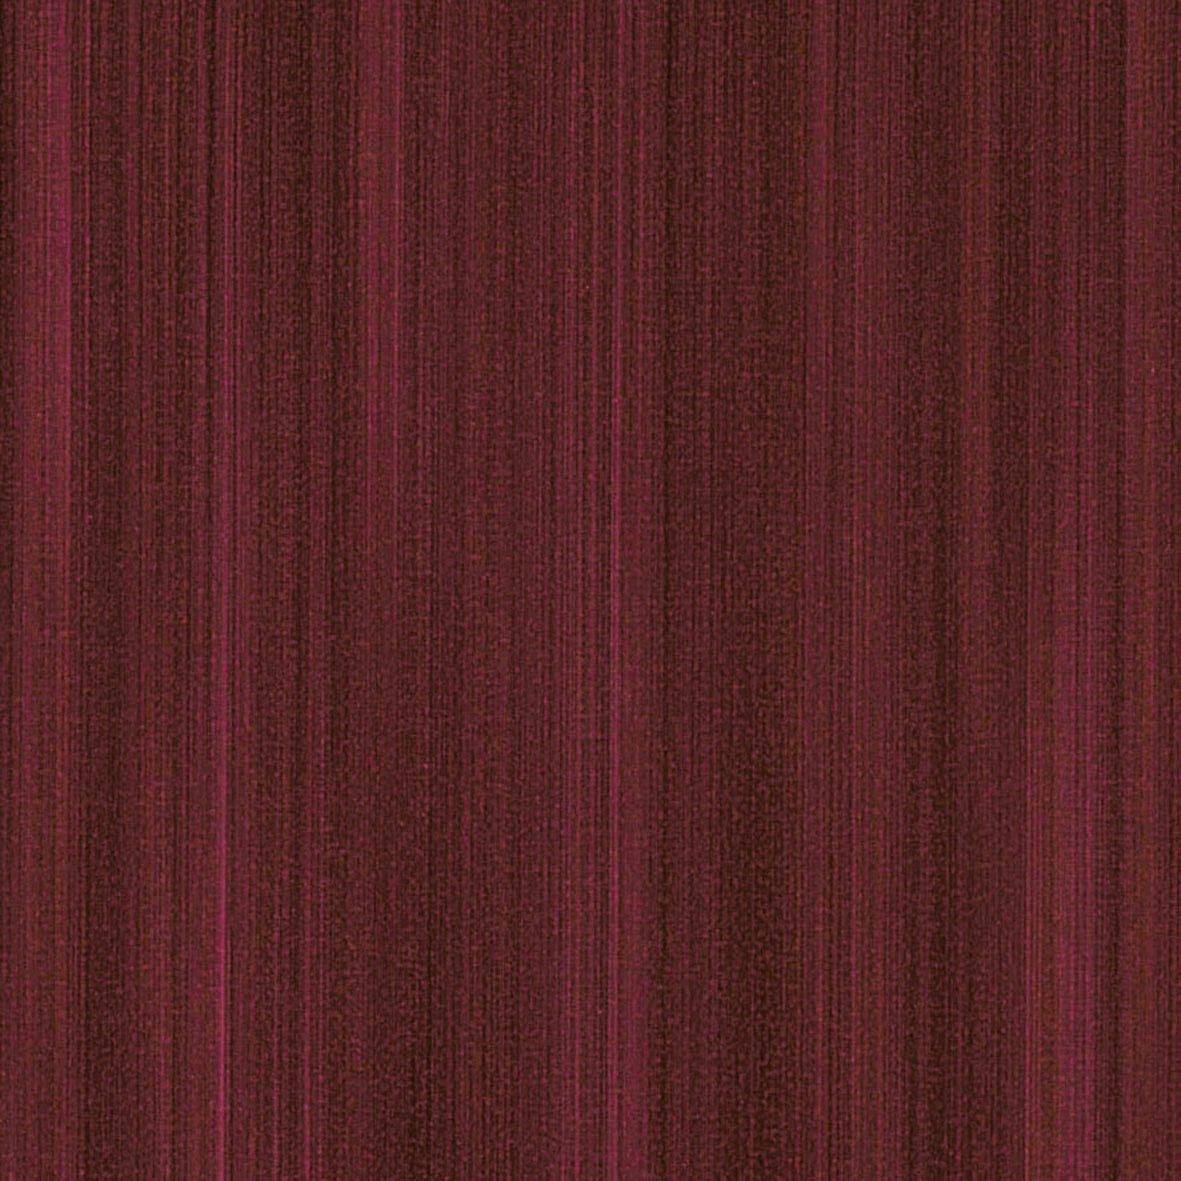 リリカラ 壁紙49m シンフル ストライプ ブラウン LL-8609 B01MSIK4U9 49m|ブラウン1